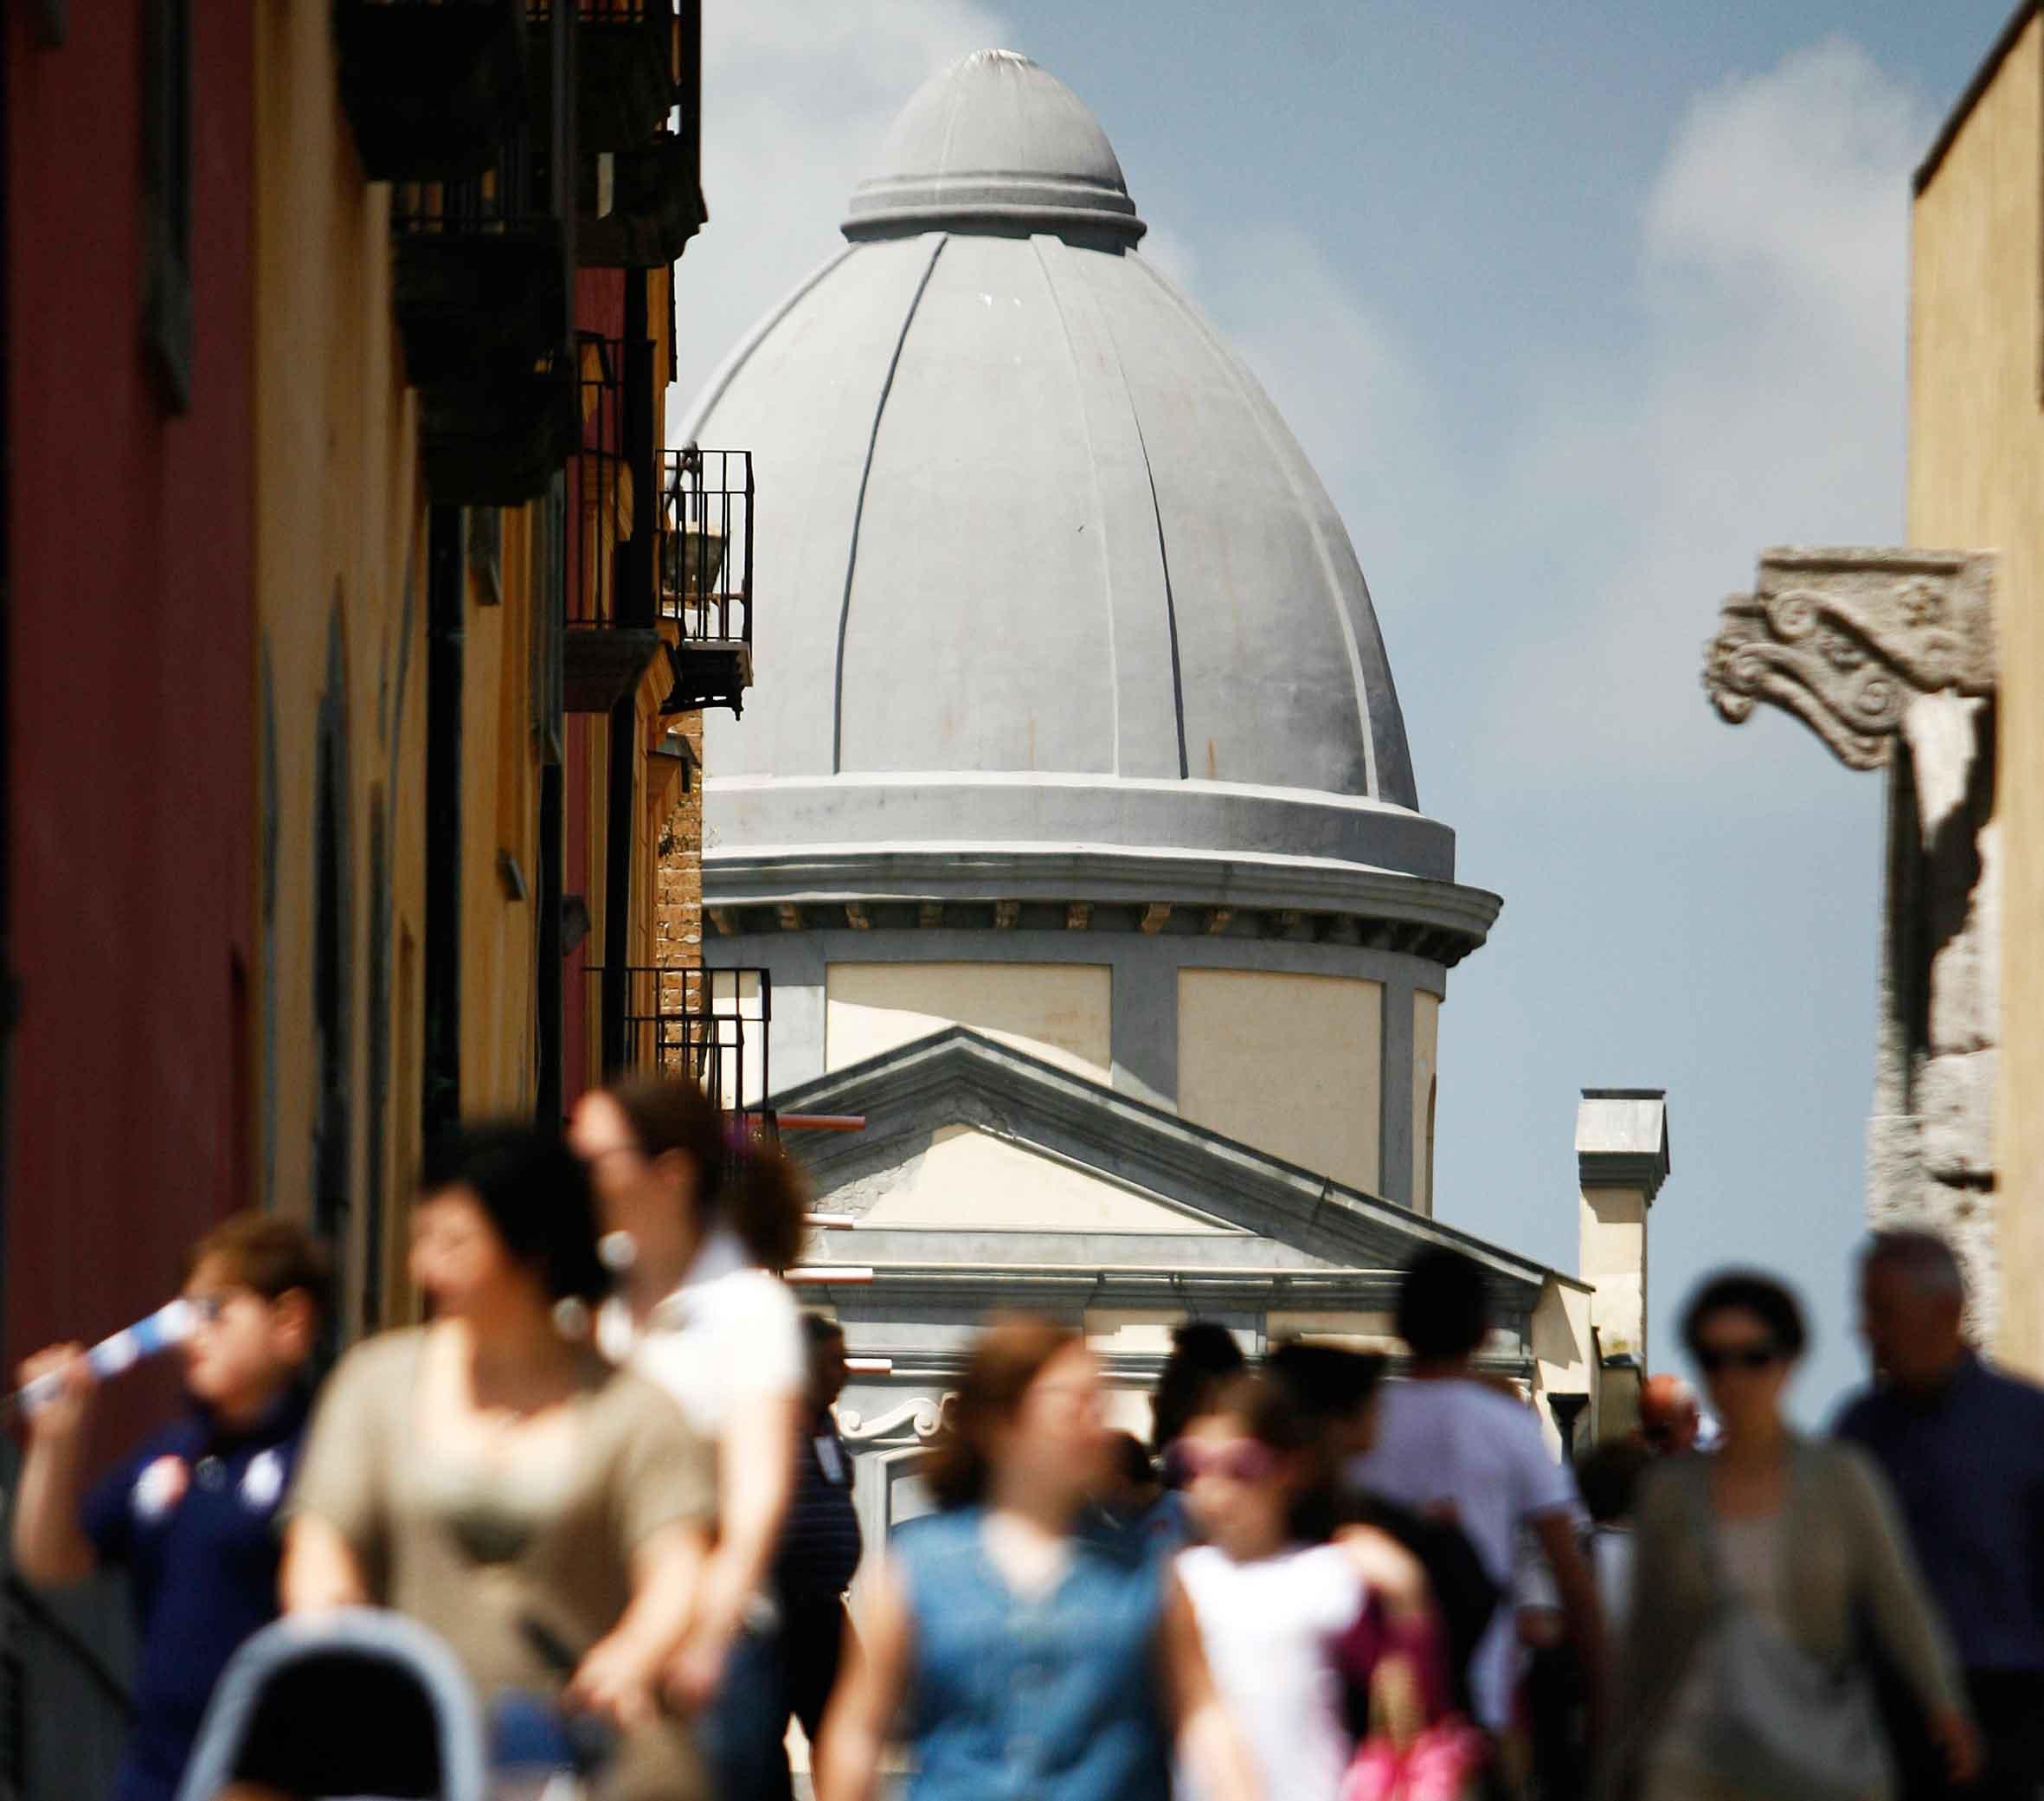 FOTO DI PAOLO VISONE (Cittadini in visita al Duomo del Rione Terra)